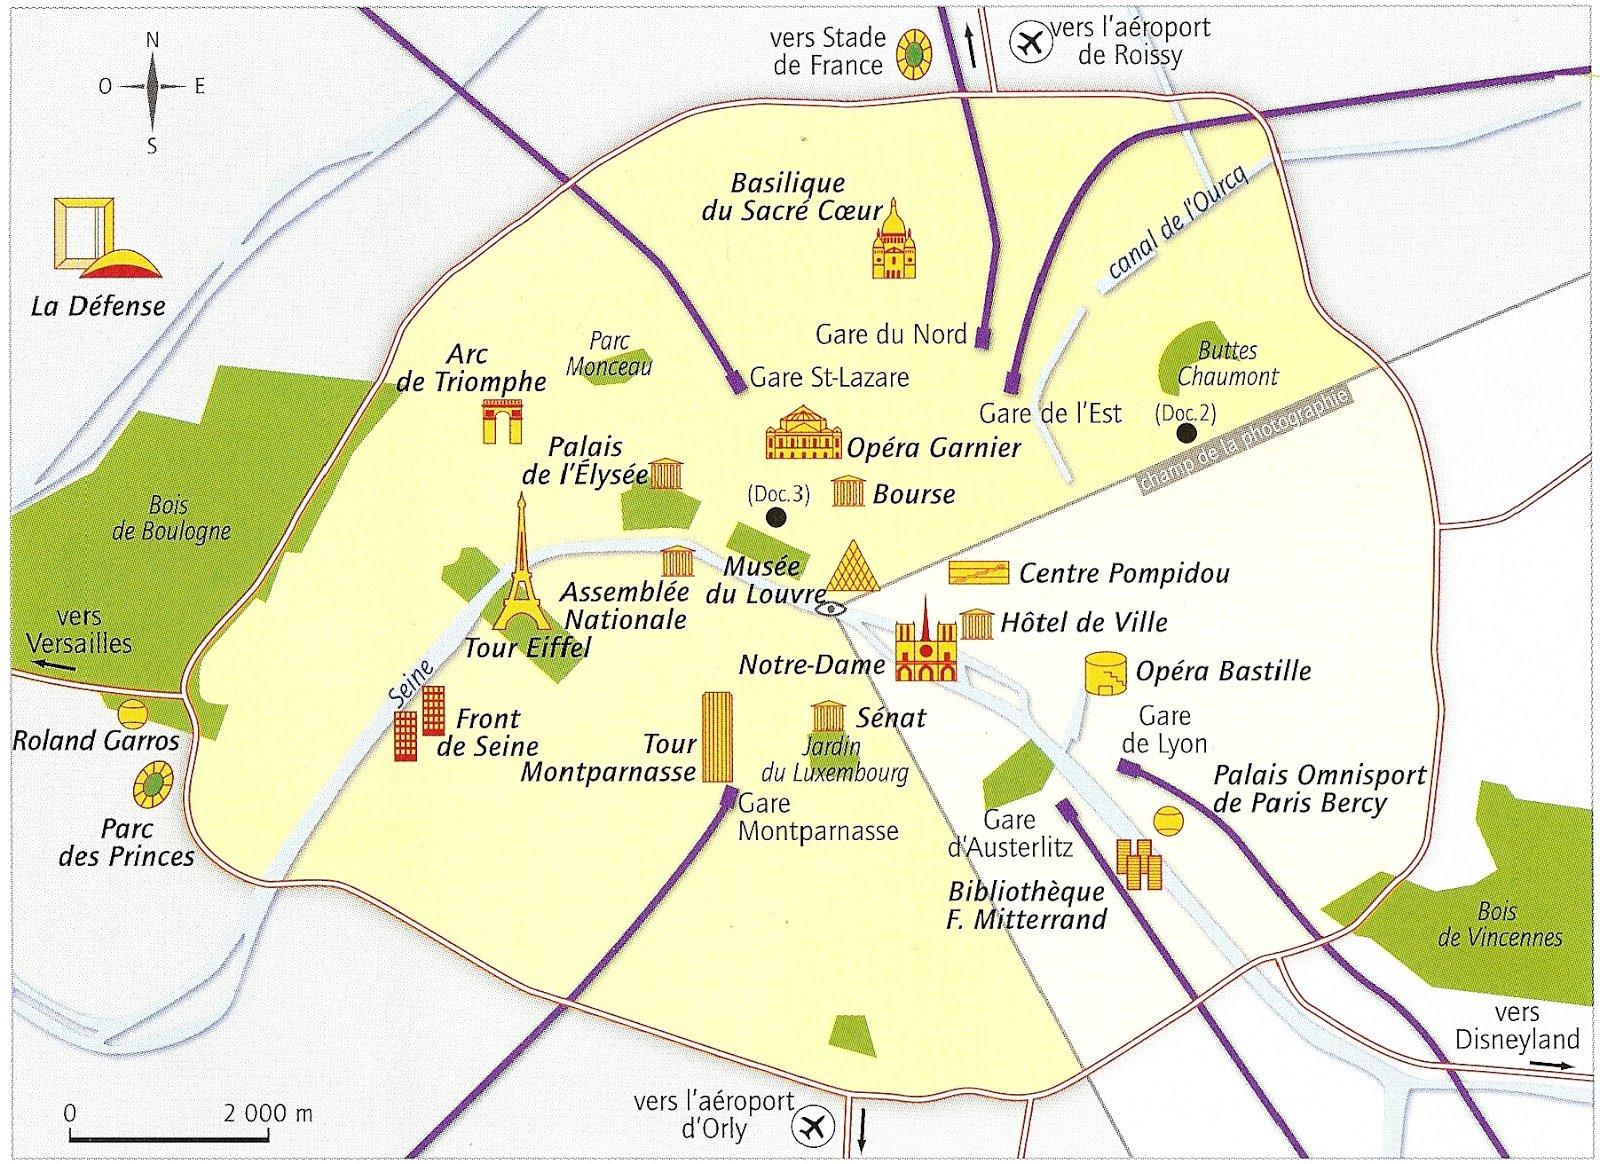 Lamallettehistoiregographie for Lieux touristiques paris